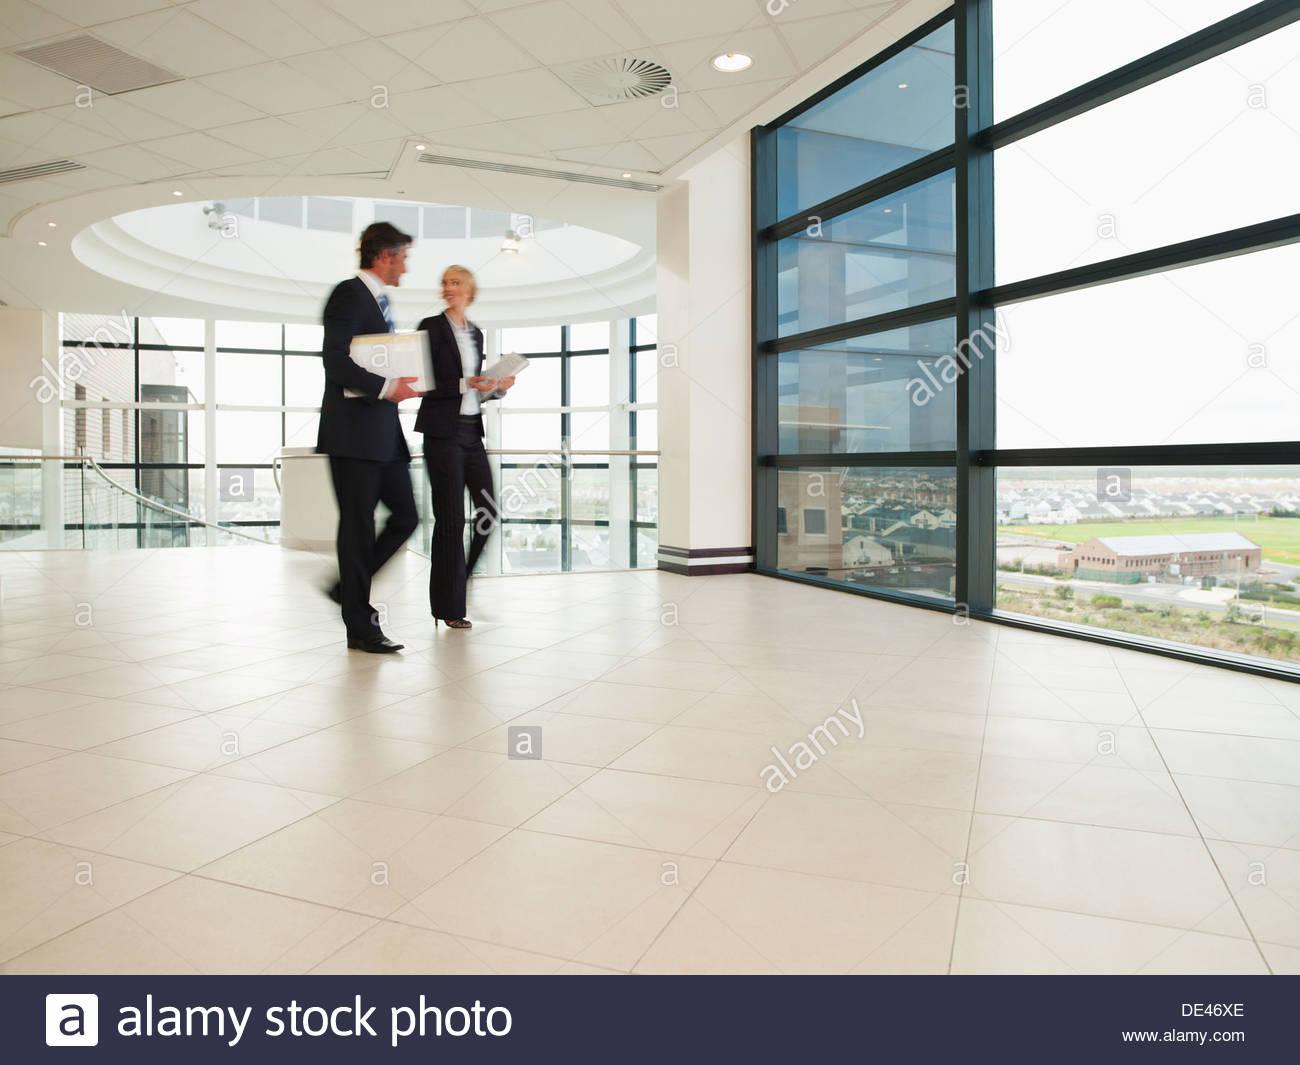 Les gens d'affaires marche à travers office lobby Photo Stock